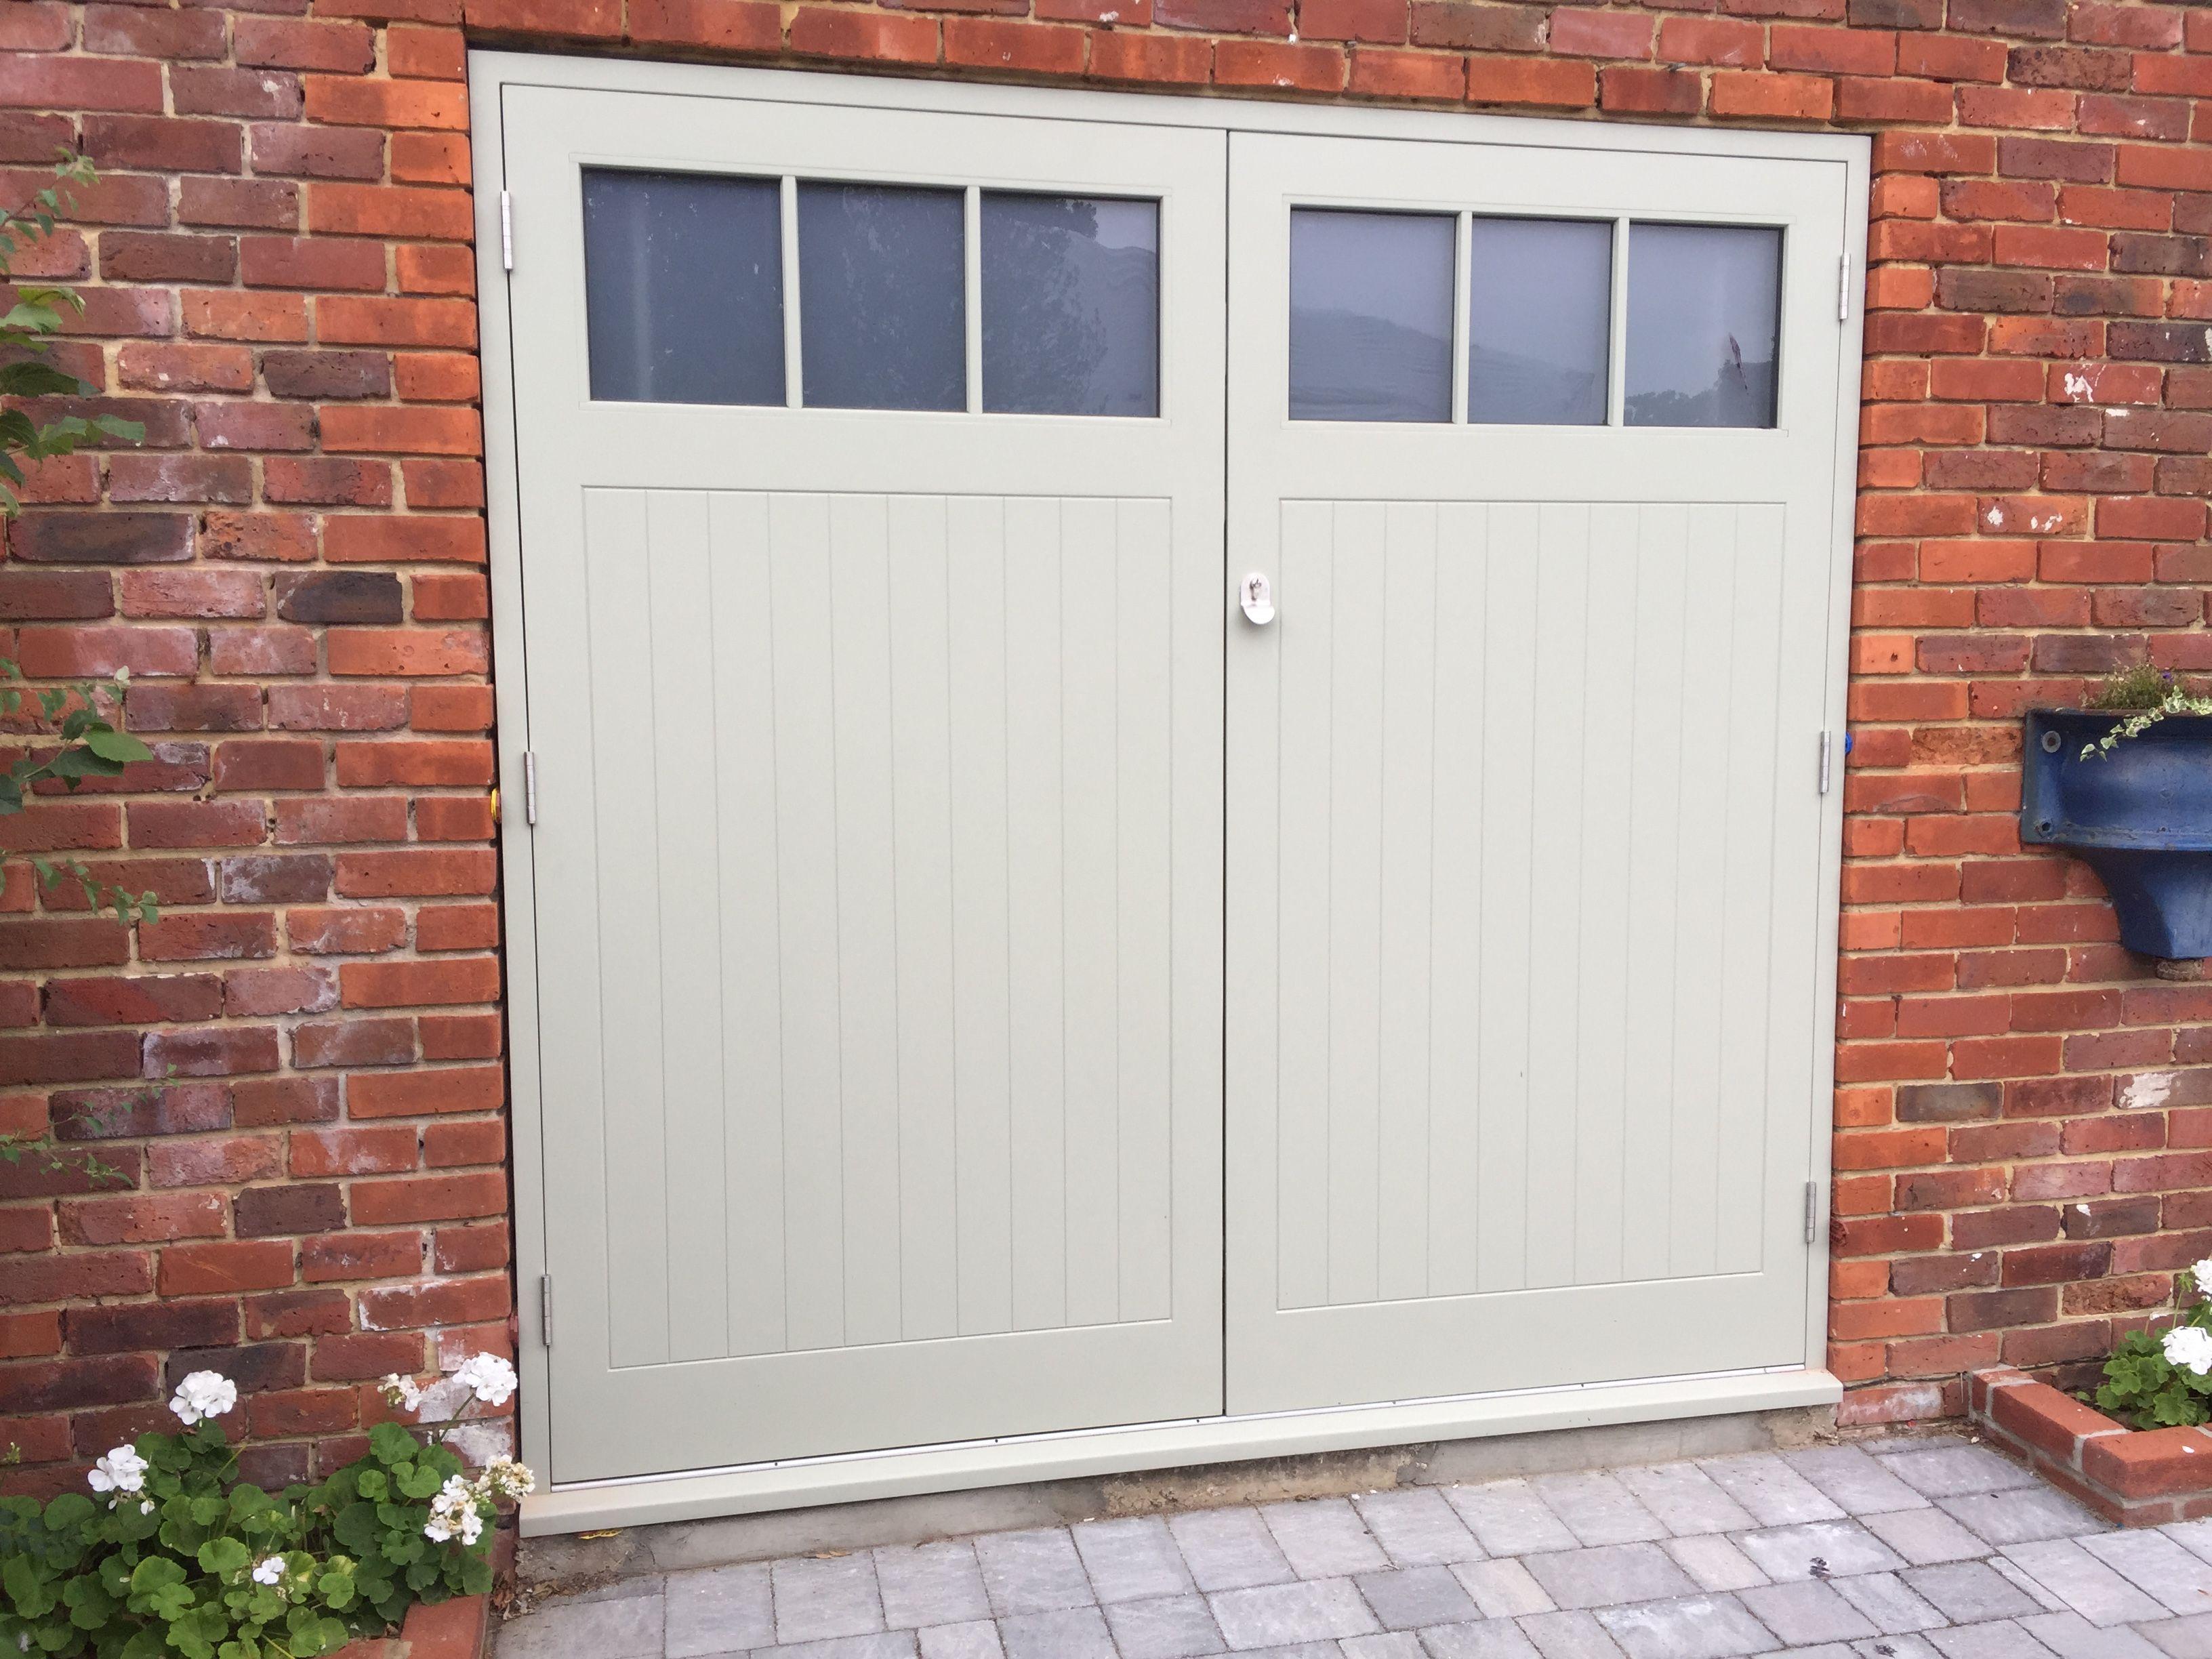 Accoya Garage Doors Garage Door Design Wooden Garage Doors Garage Doors